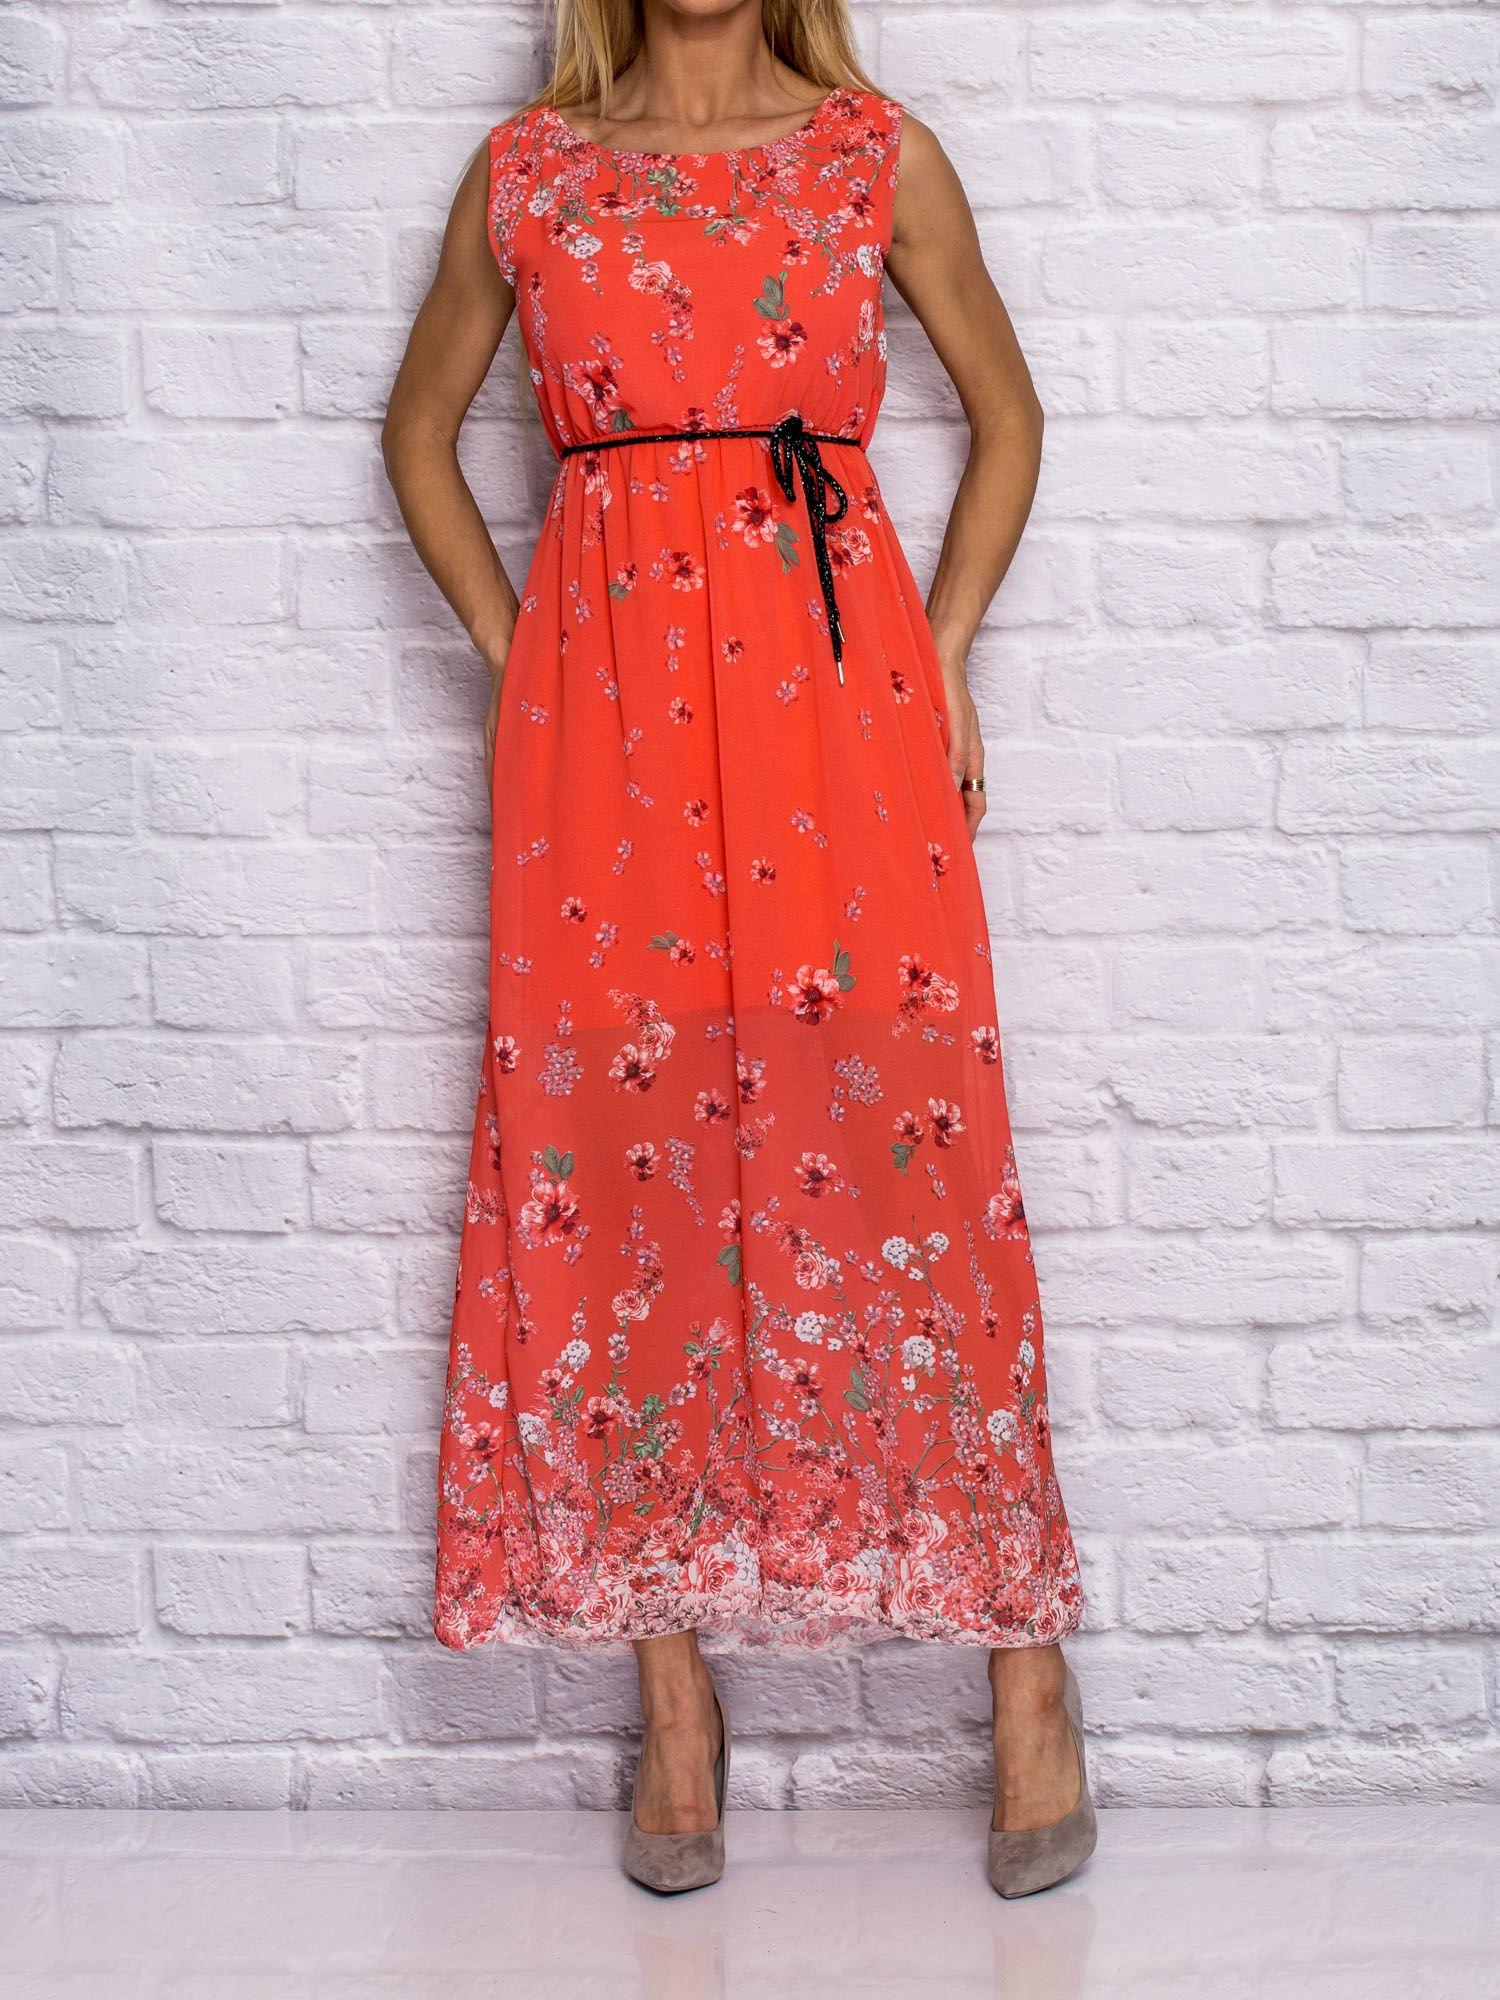 5f50985b4e Sukienka letnia maxi w delikatny kwiatowy wzór koralowa - Sukienka na co  dzień - sklep eButik.pl